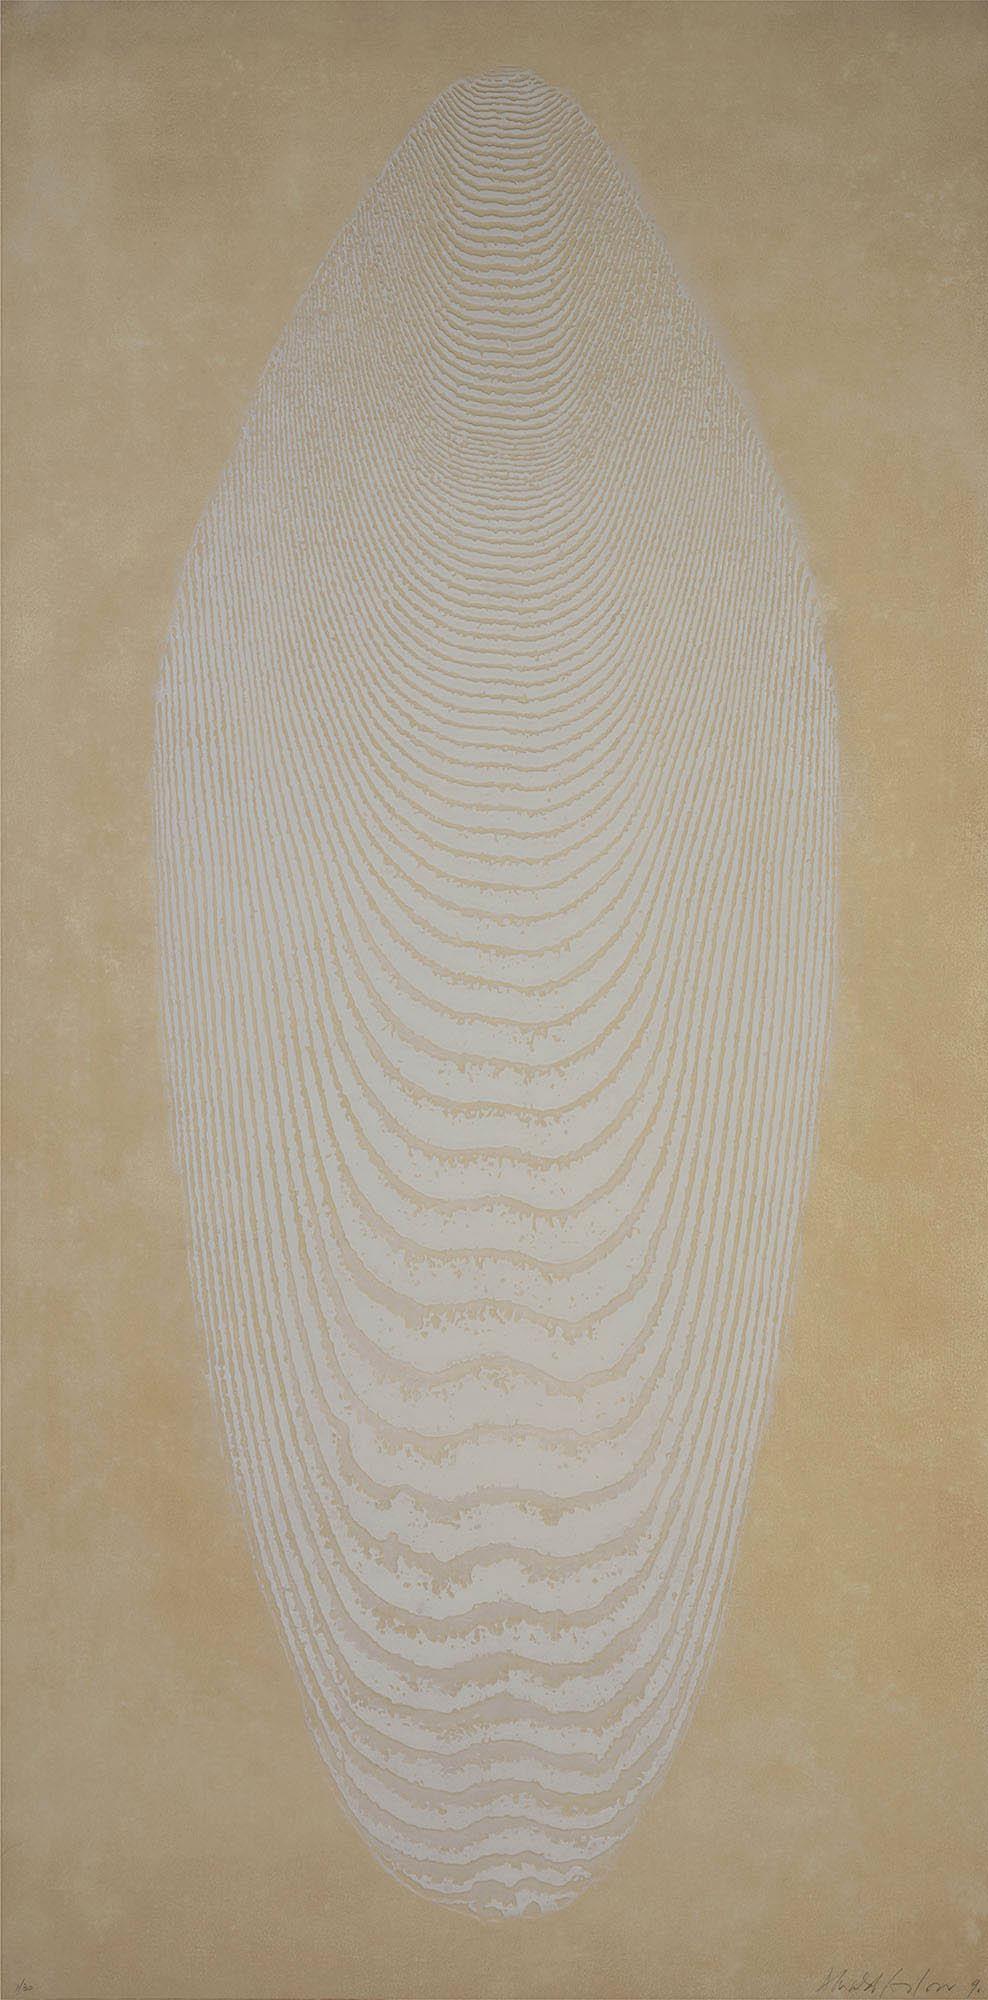 Sogno I (crema), 1990